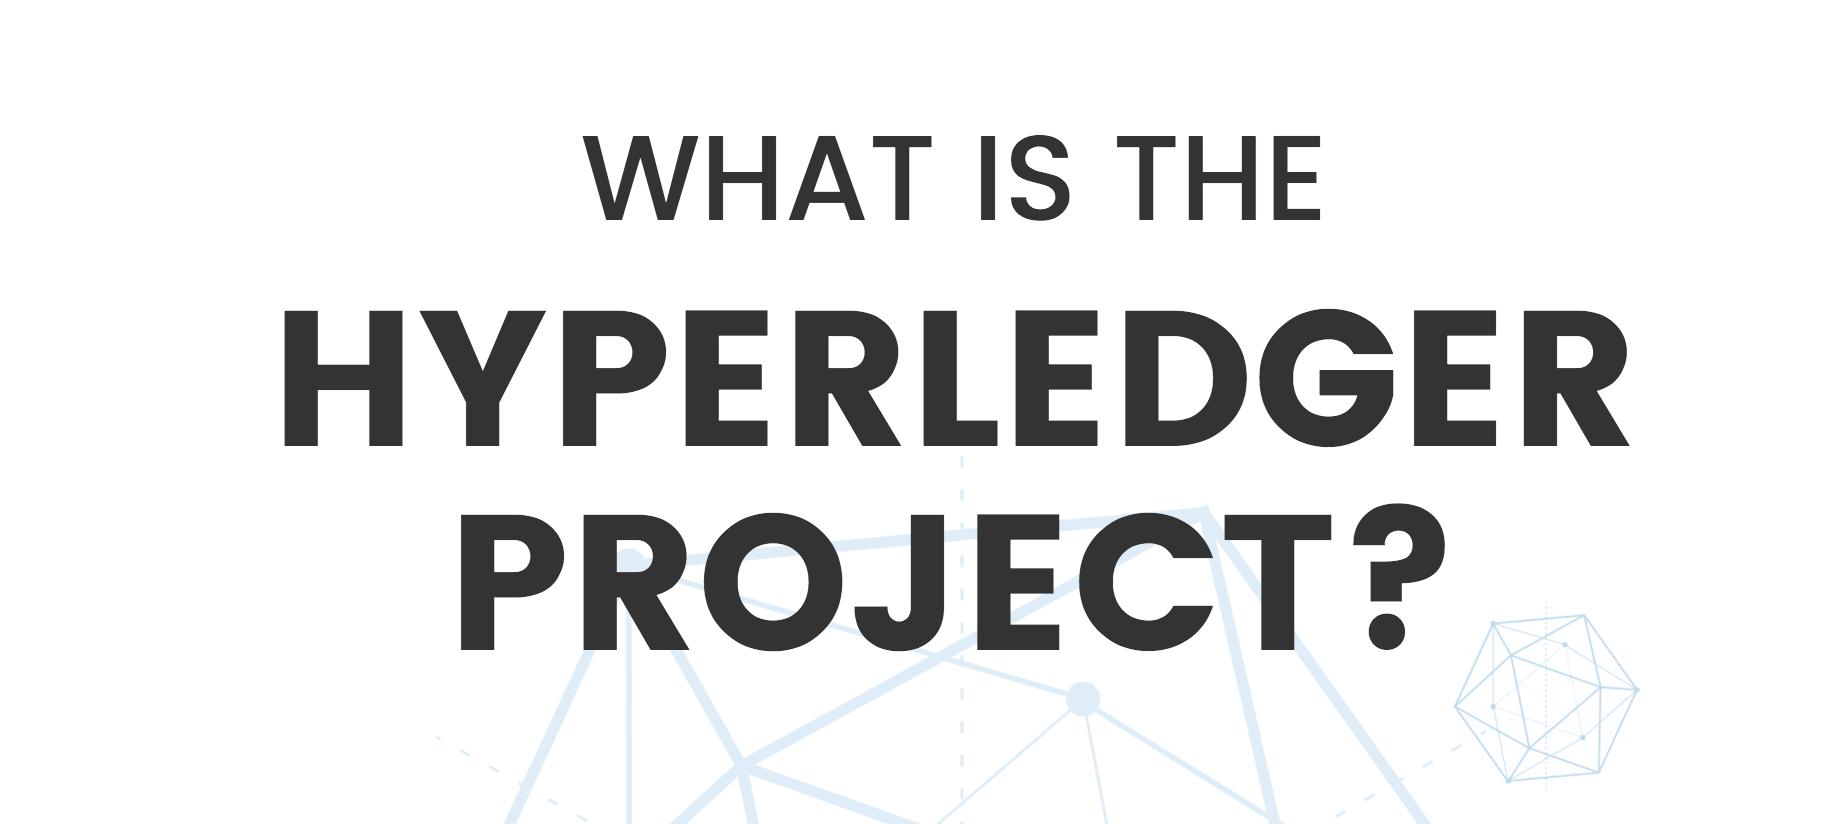 هایپر لجر چیست؟ قسمت اول